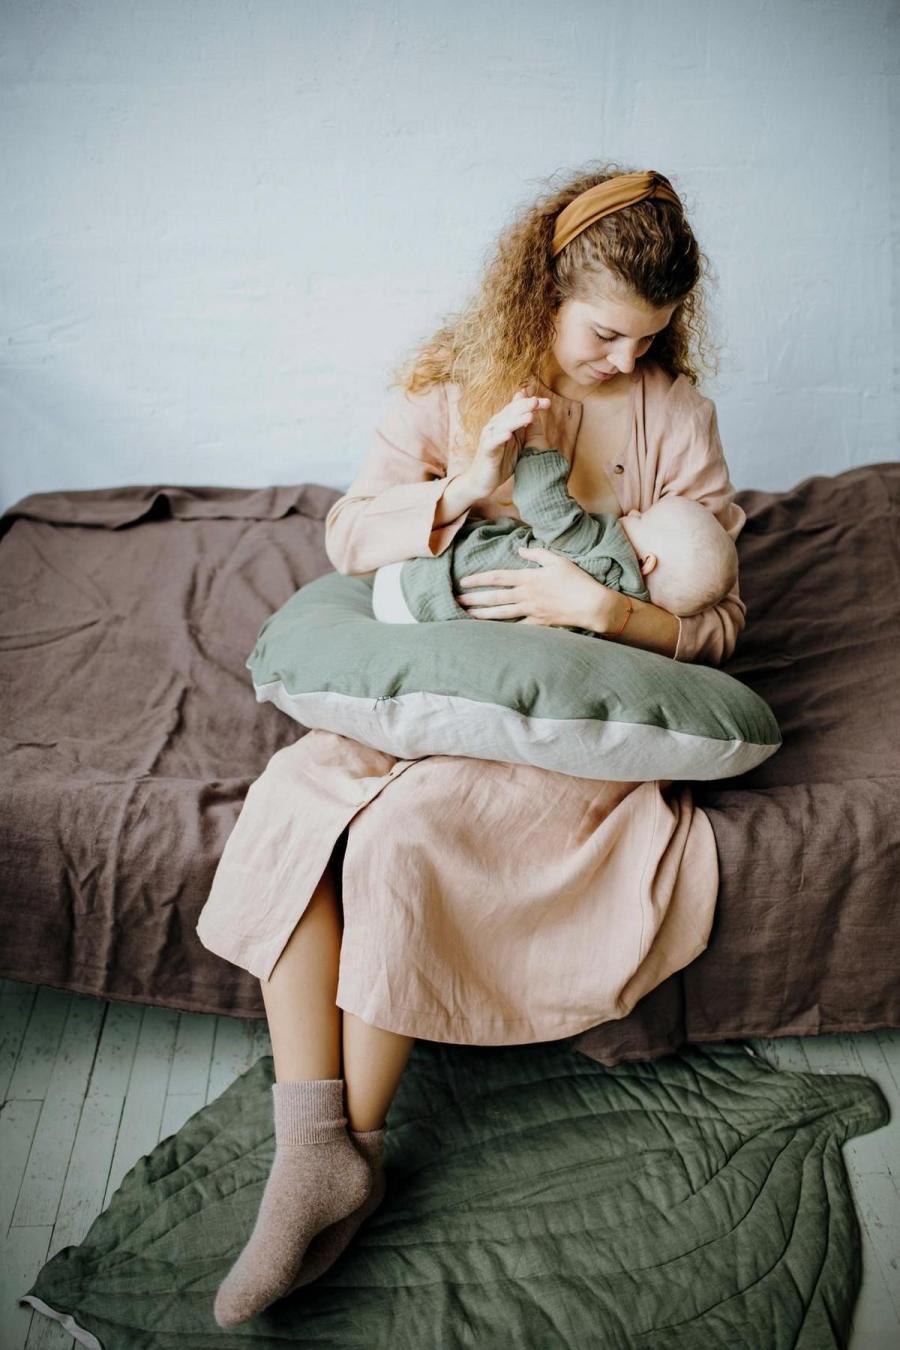 Für neue Mütter ist das Stillen Ihres Säuglings eines der schwierigsten Dinge, um den Dreh raus zu bekommen. Engorged Brüste, wunde Brustwarzen, und Frustration sind par für den Kurs in diesen frühen Tagen und schlaflosen Nächten.